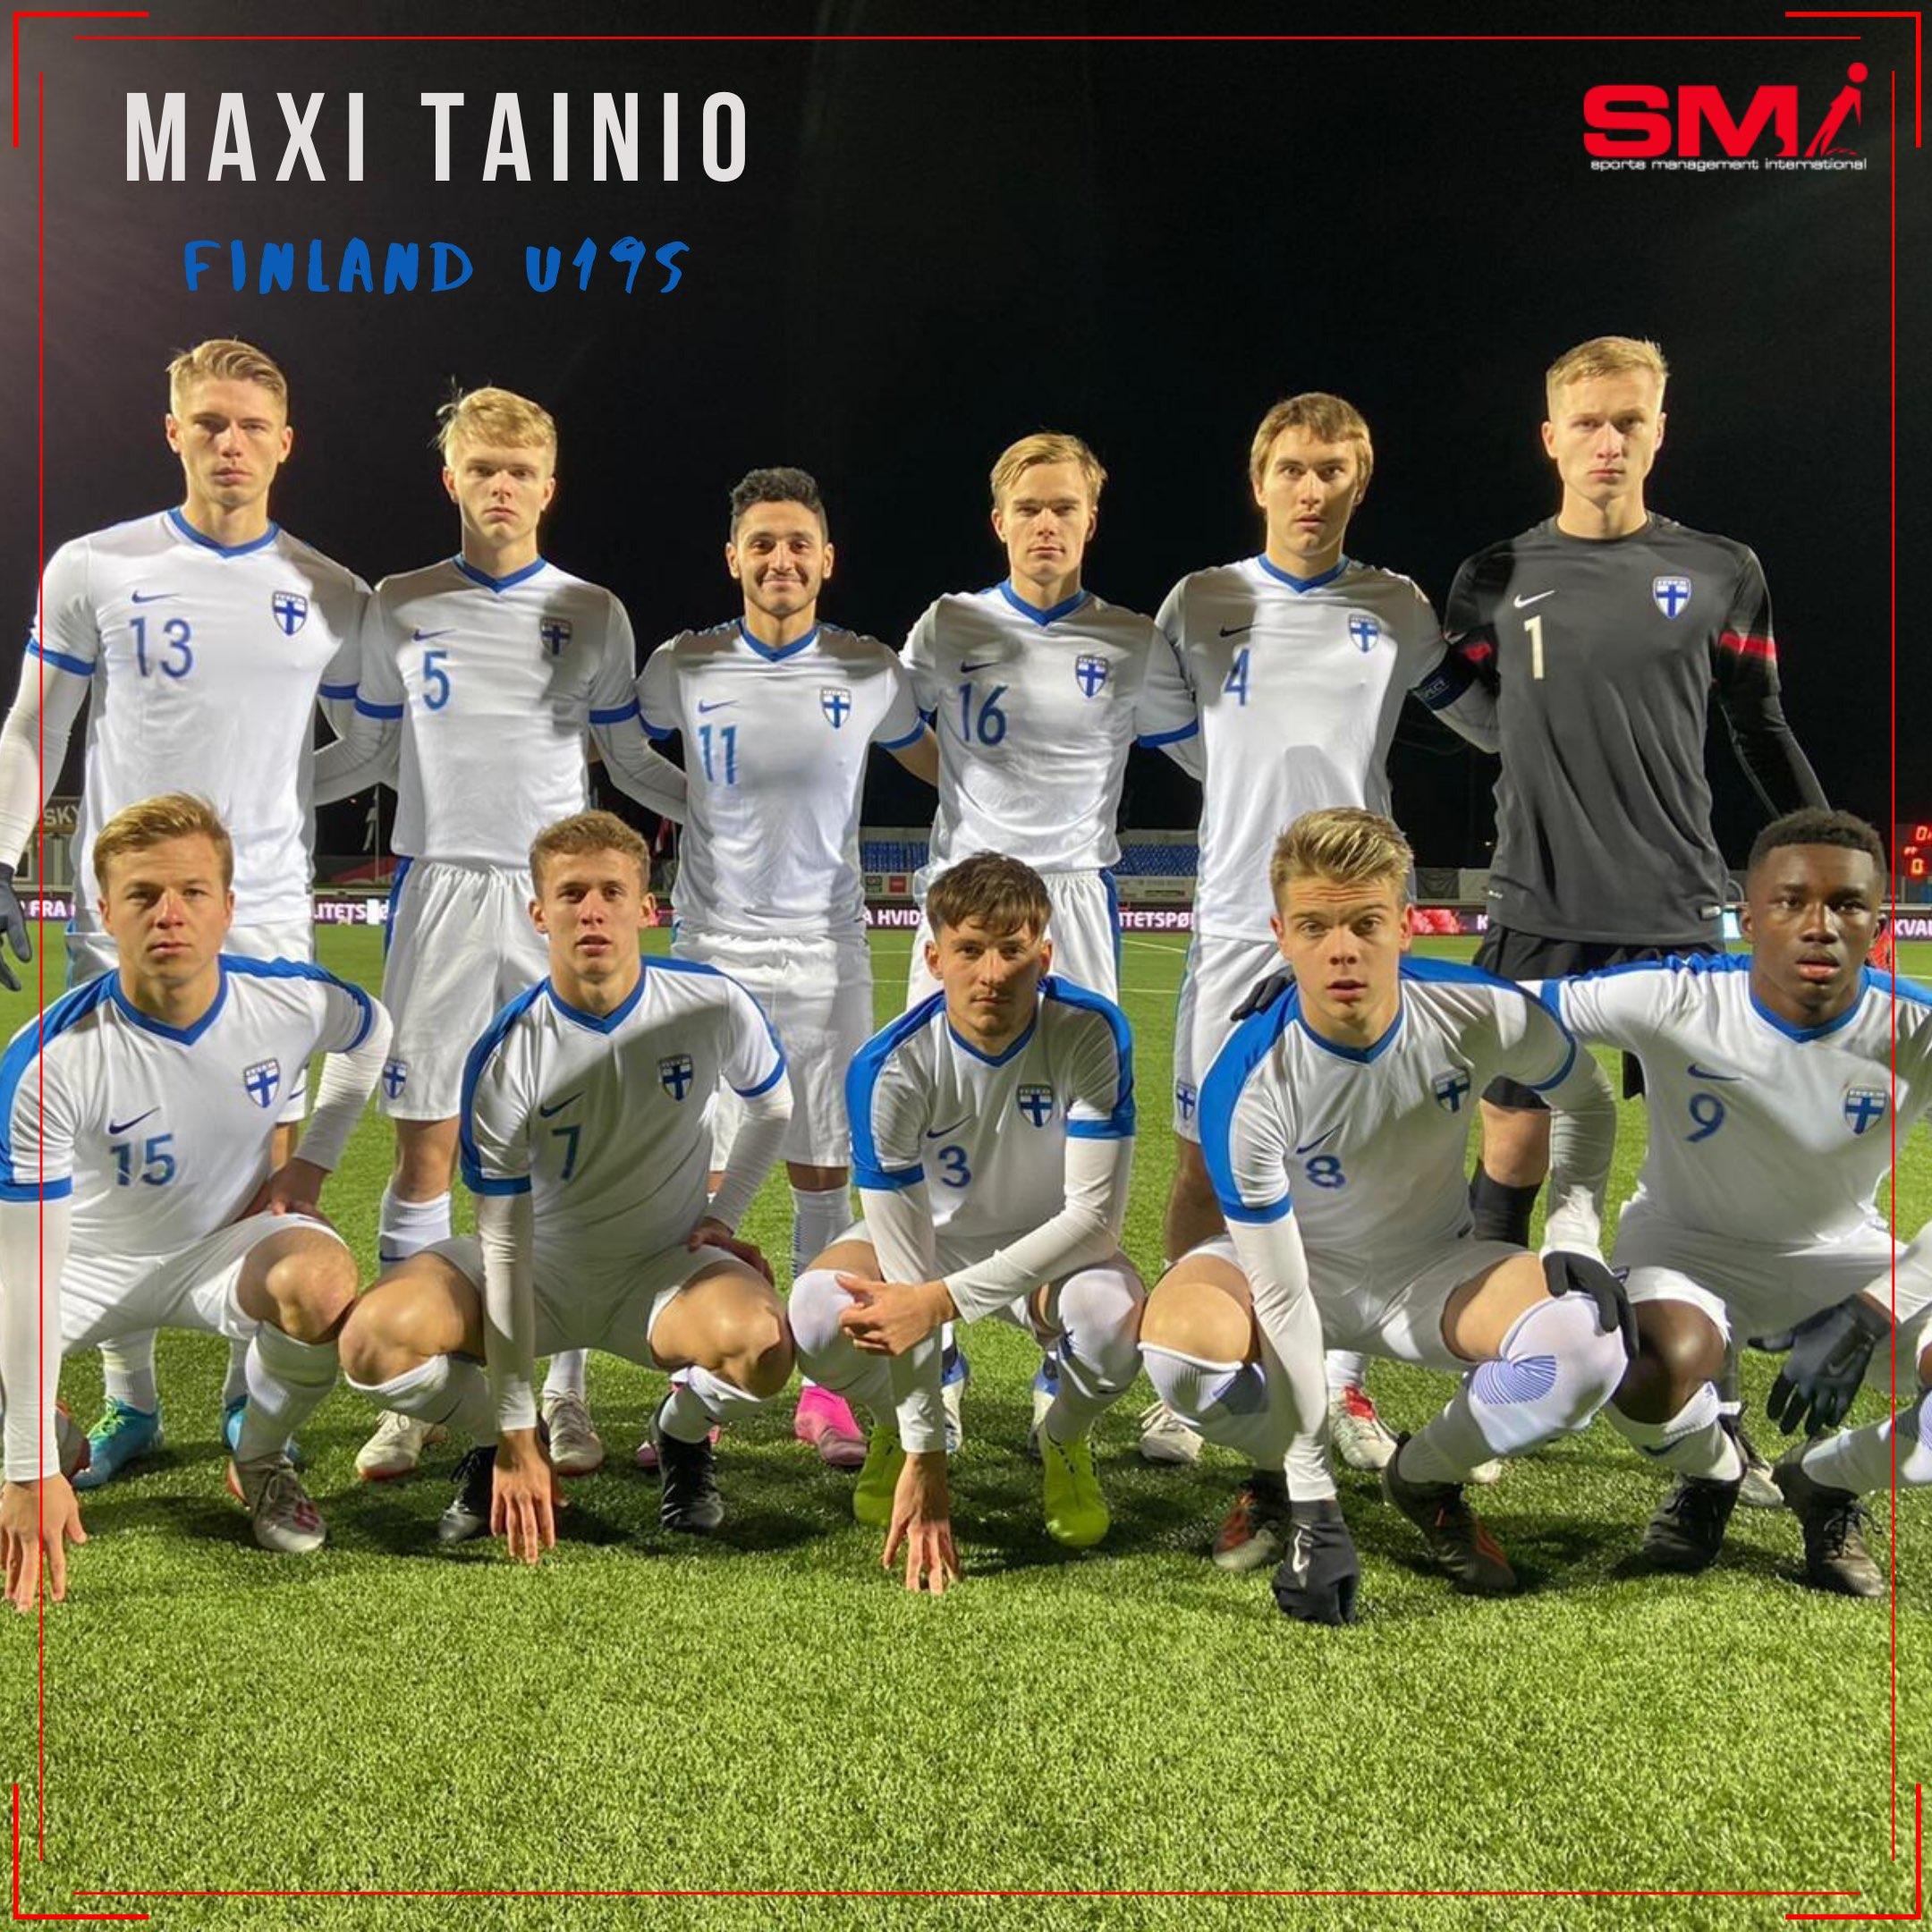 Maxi Tainio qualifies with Finland u19s